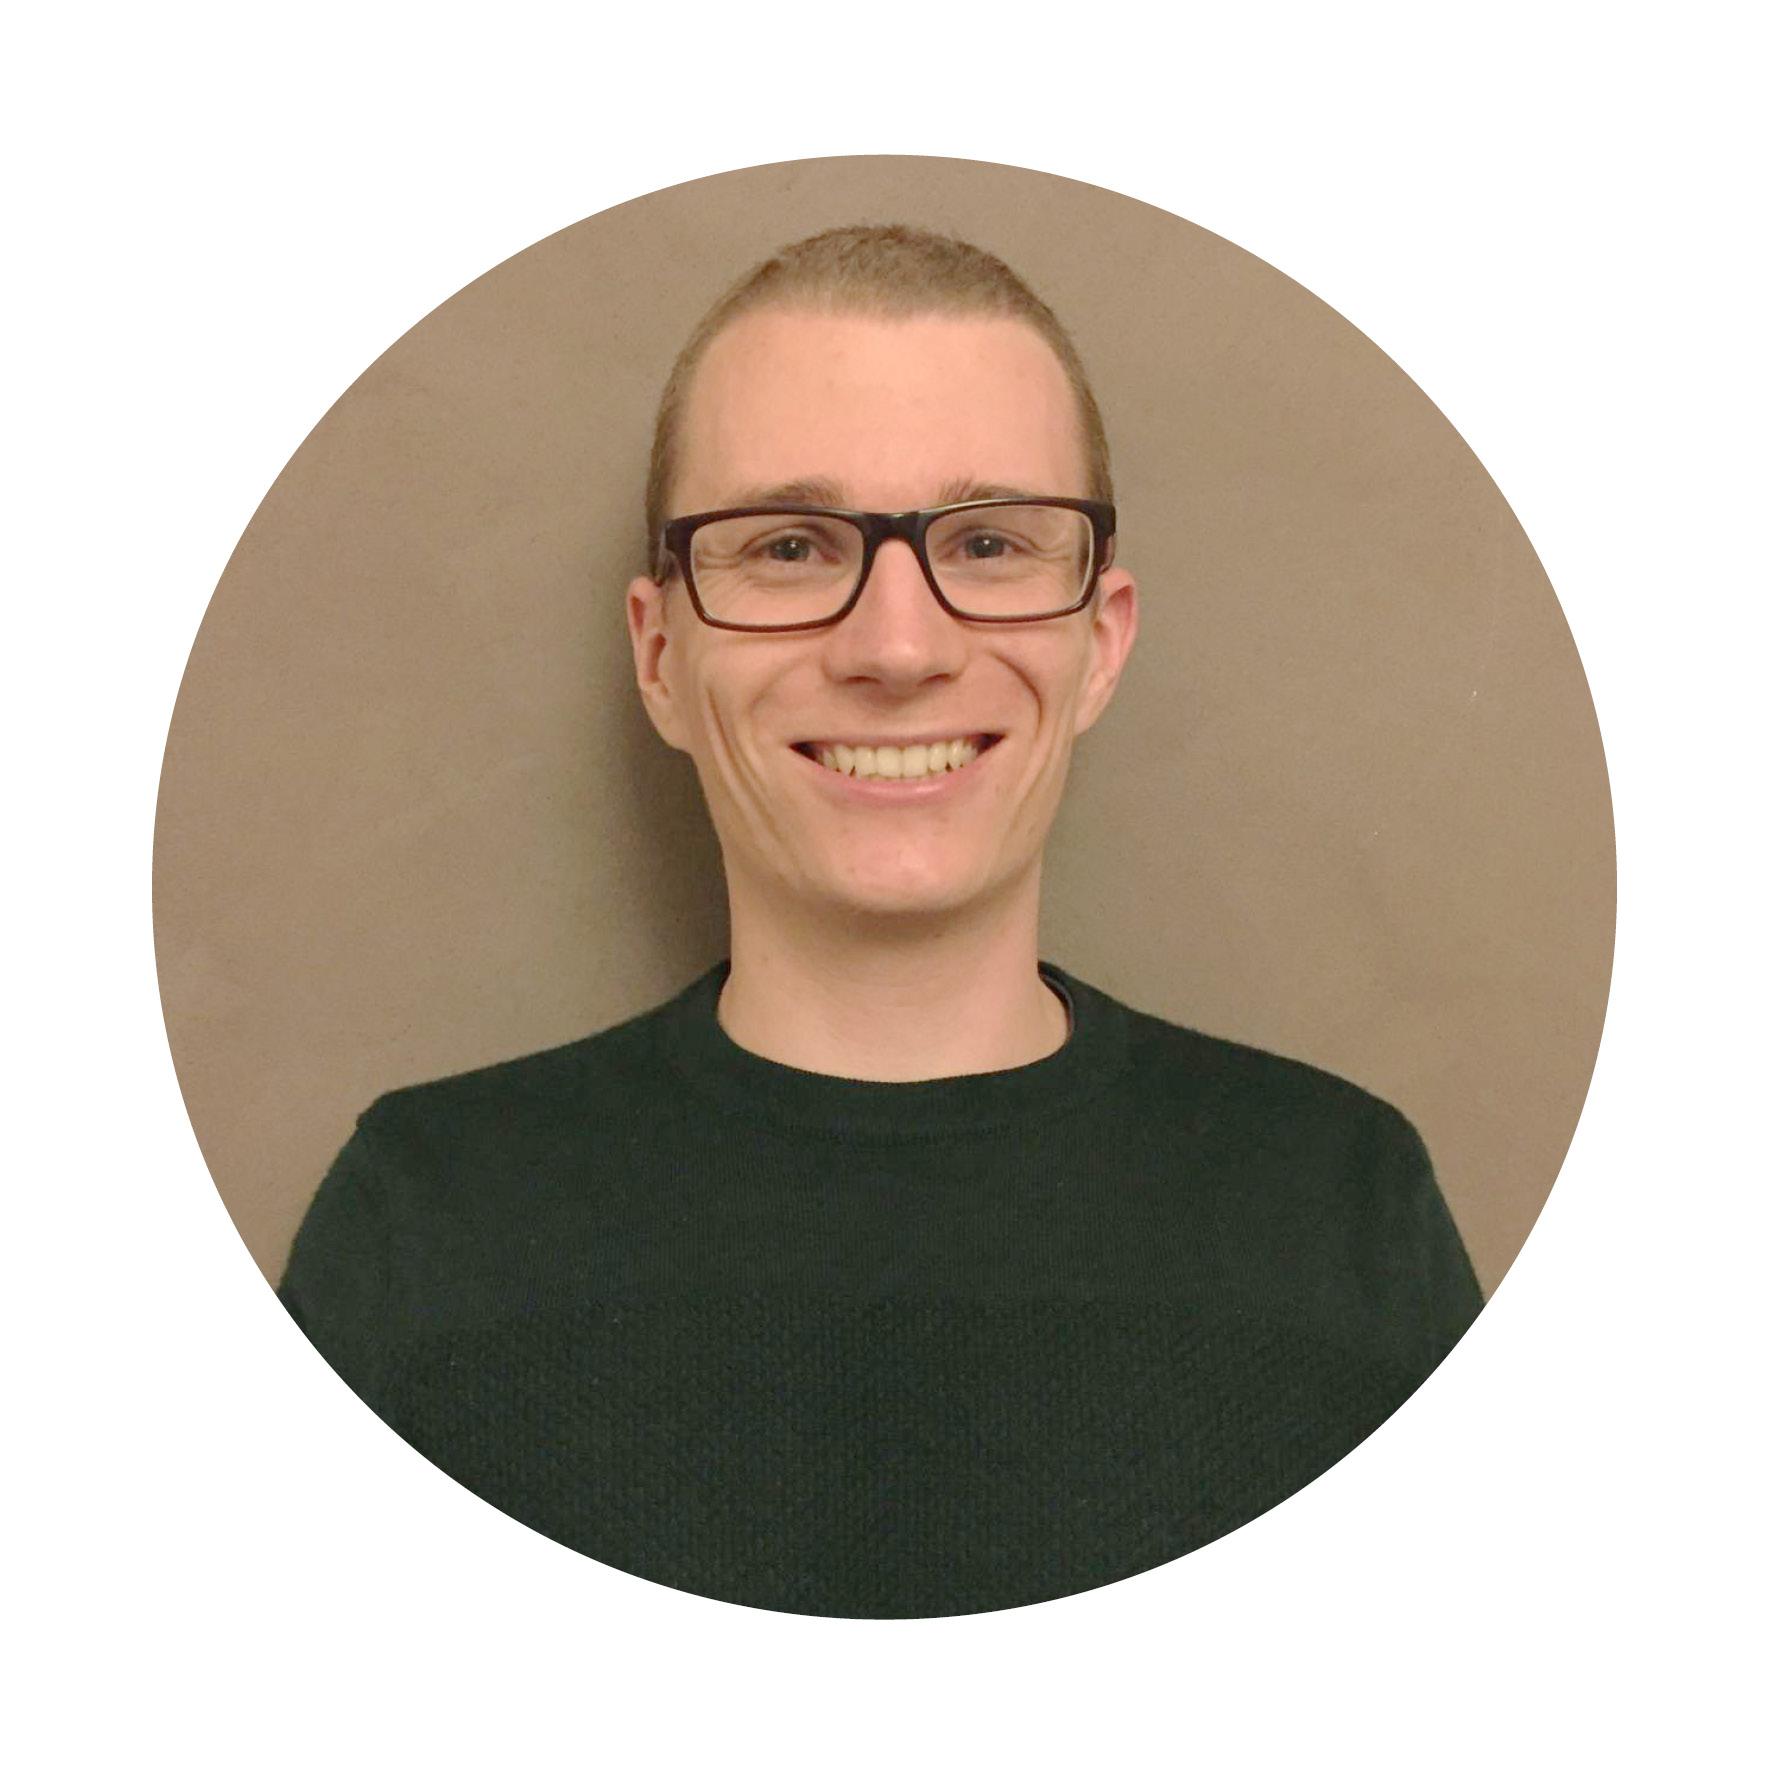 David Inglis - Mathematics Tutor at Pinnacle Coaching College